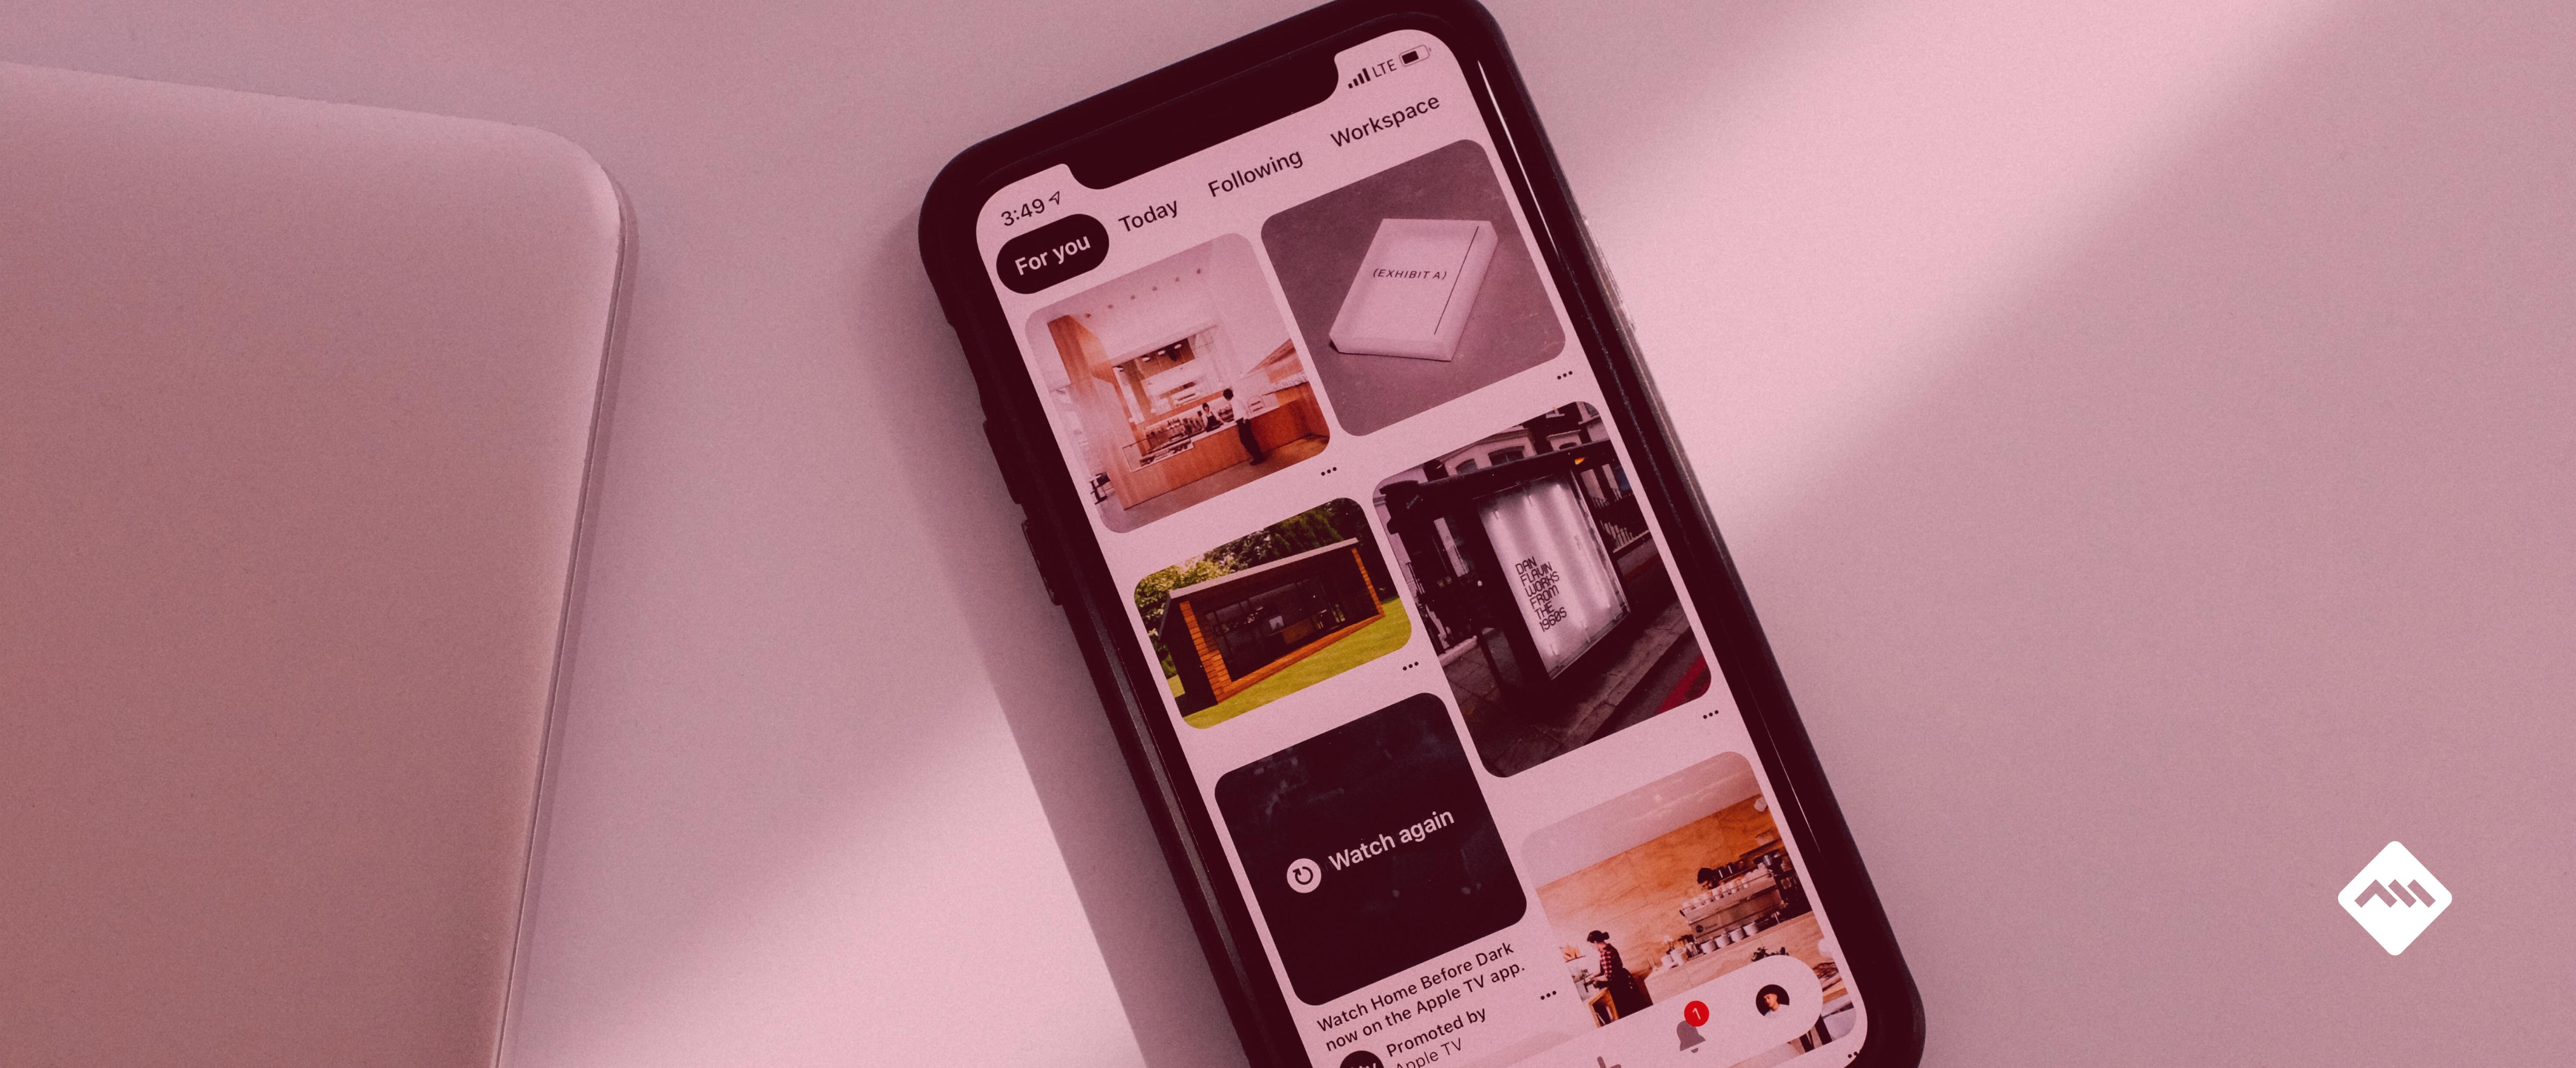 Por qué deberías incluir Pinterest en tu estrategia digital